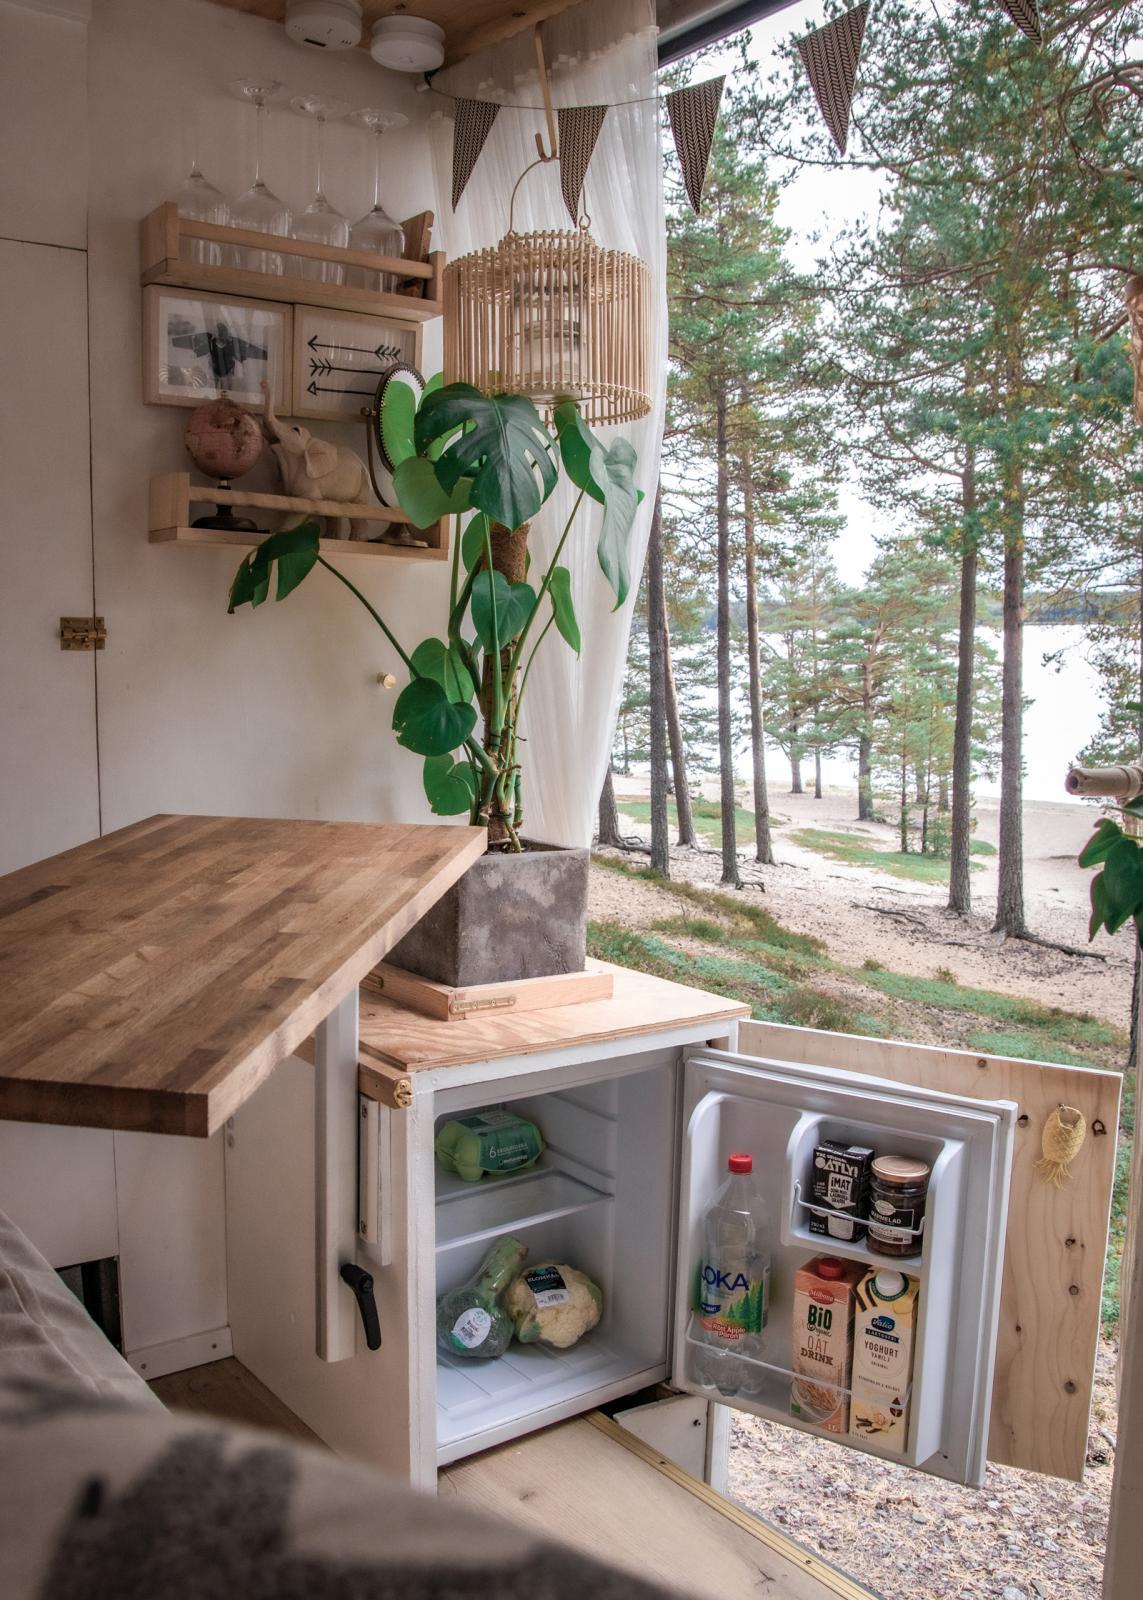 Litet kylskåp som rymmer de nödvändigaste varorna.